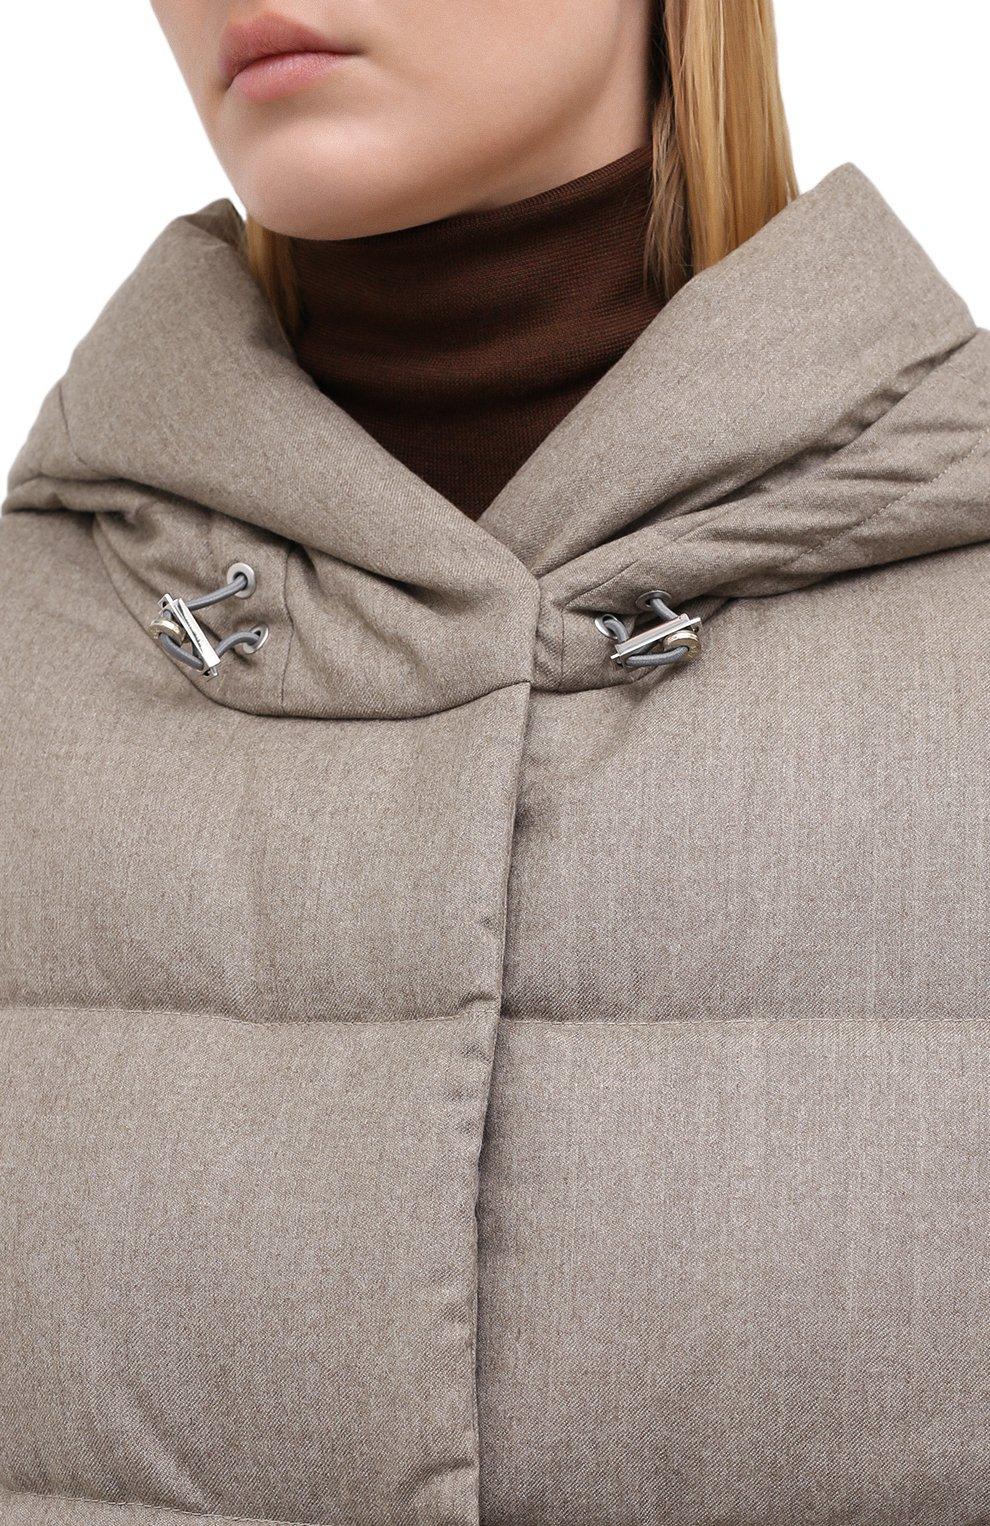 Женский пуховик ADD бежевого цвета, арт. 2AWA49P   Фото 5 (Материал внешний: Шерсть; Рукава: Длинные; Длина (верхняя одежда): До колена; Кросс-КТ: Пуховик; Материал подклада: Синтетический материал)